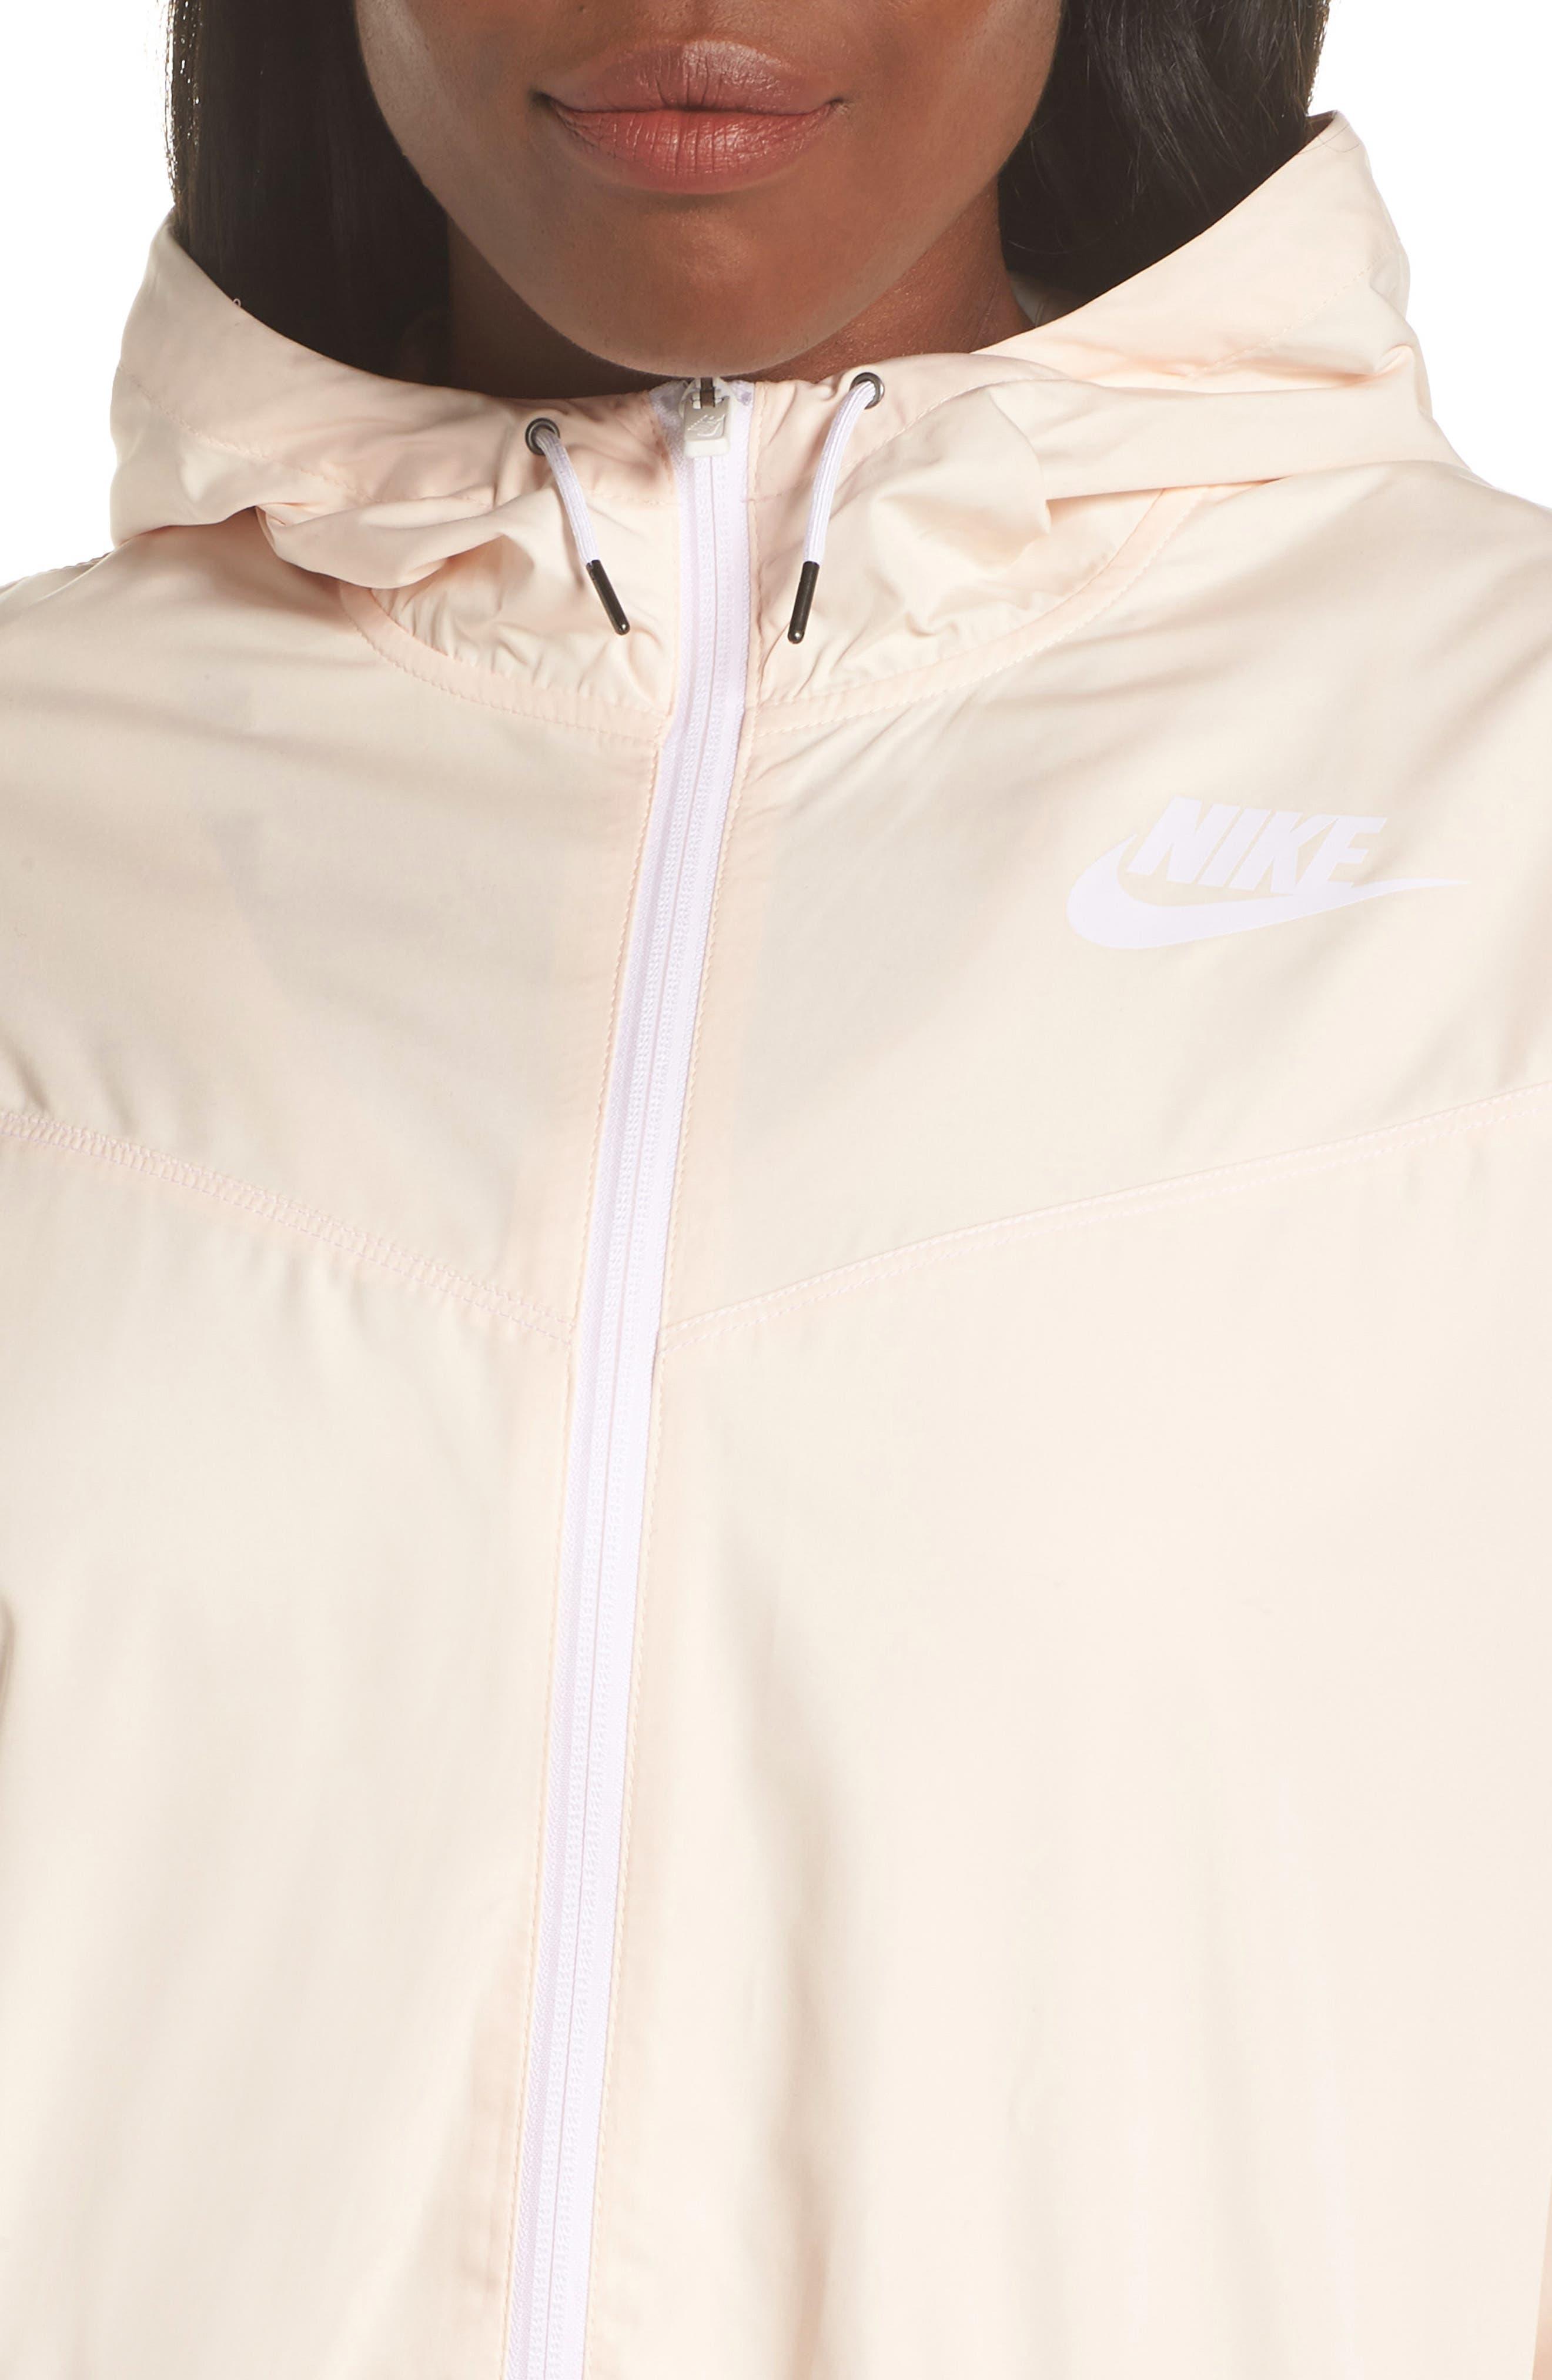 Sportswear Windrunner Jacket,                             Alternate thumbnail 11, color,                             650